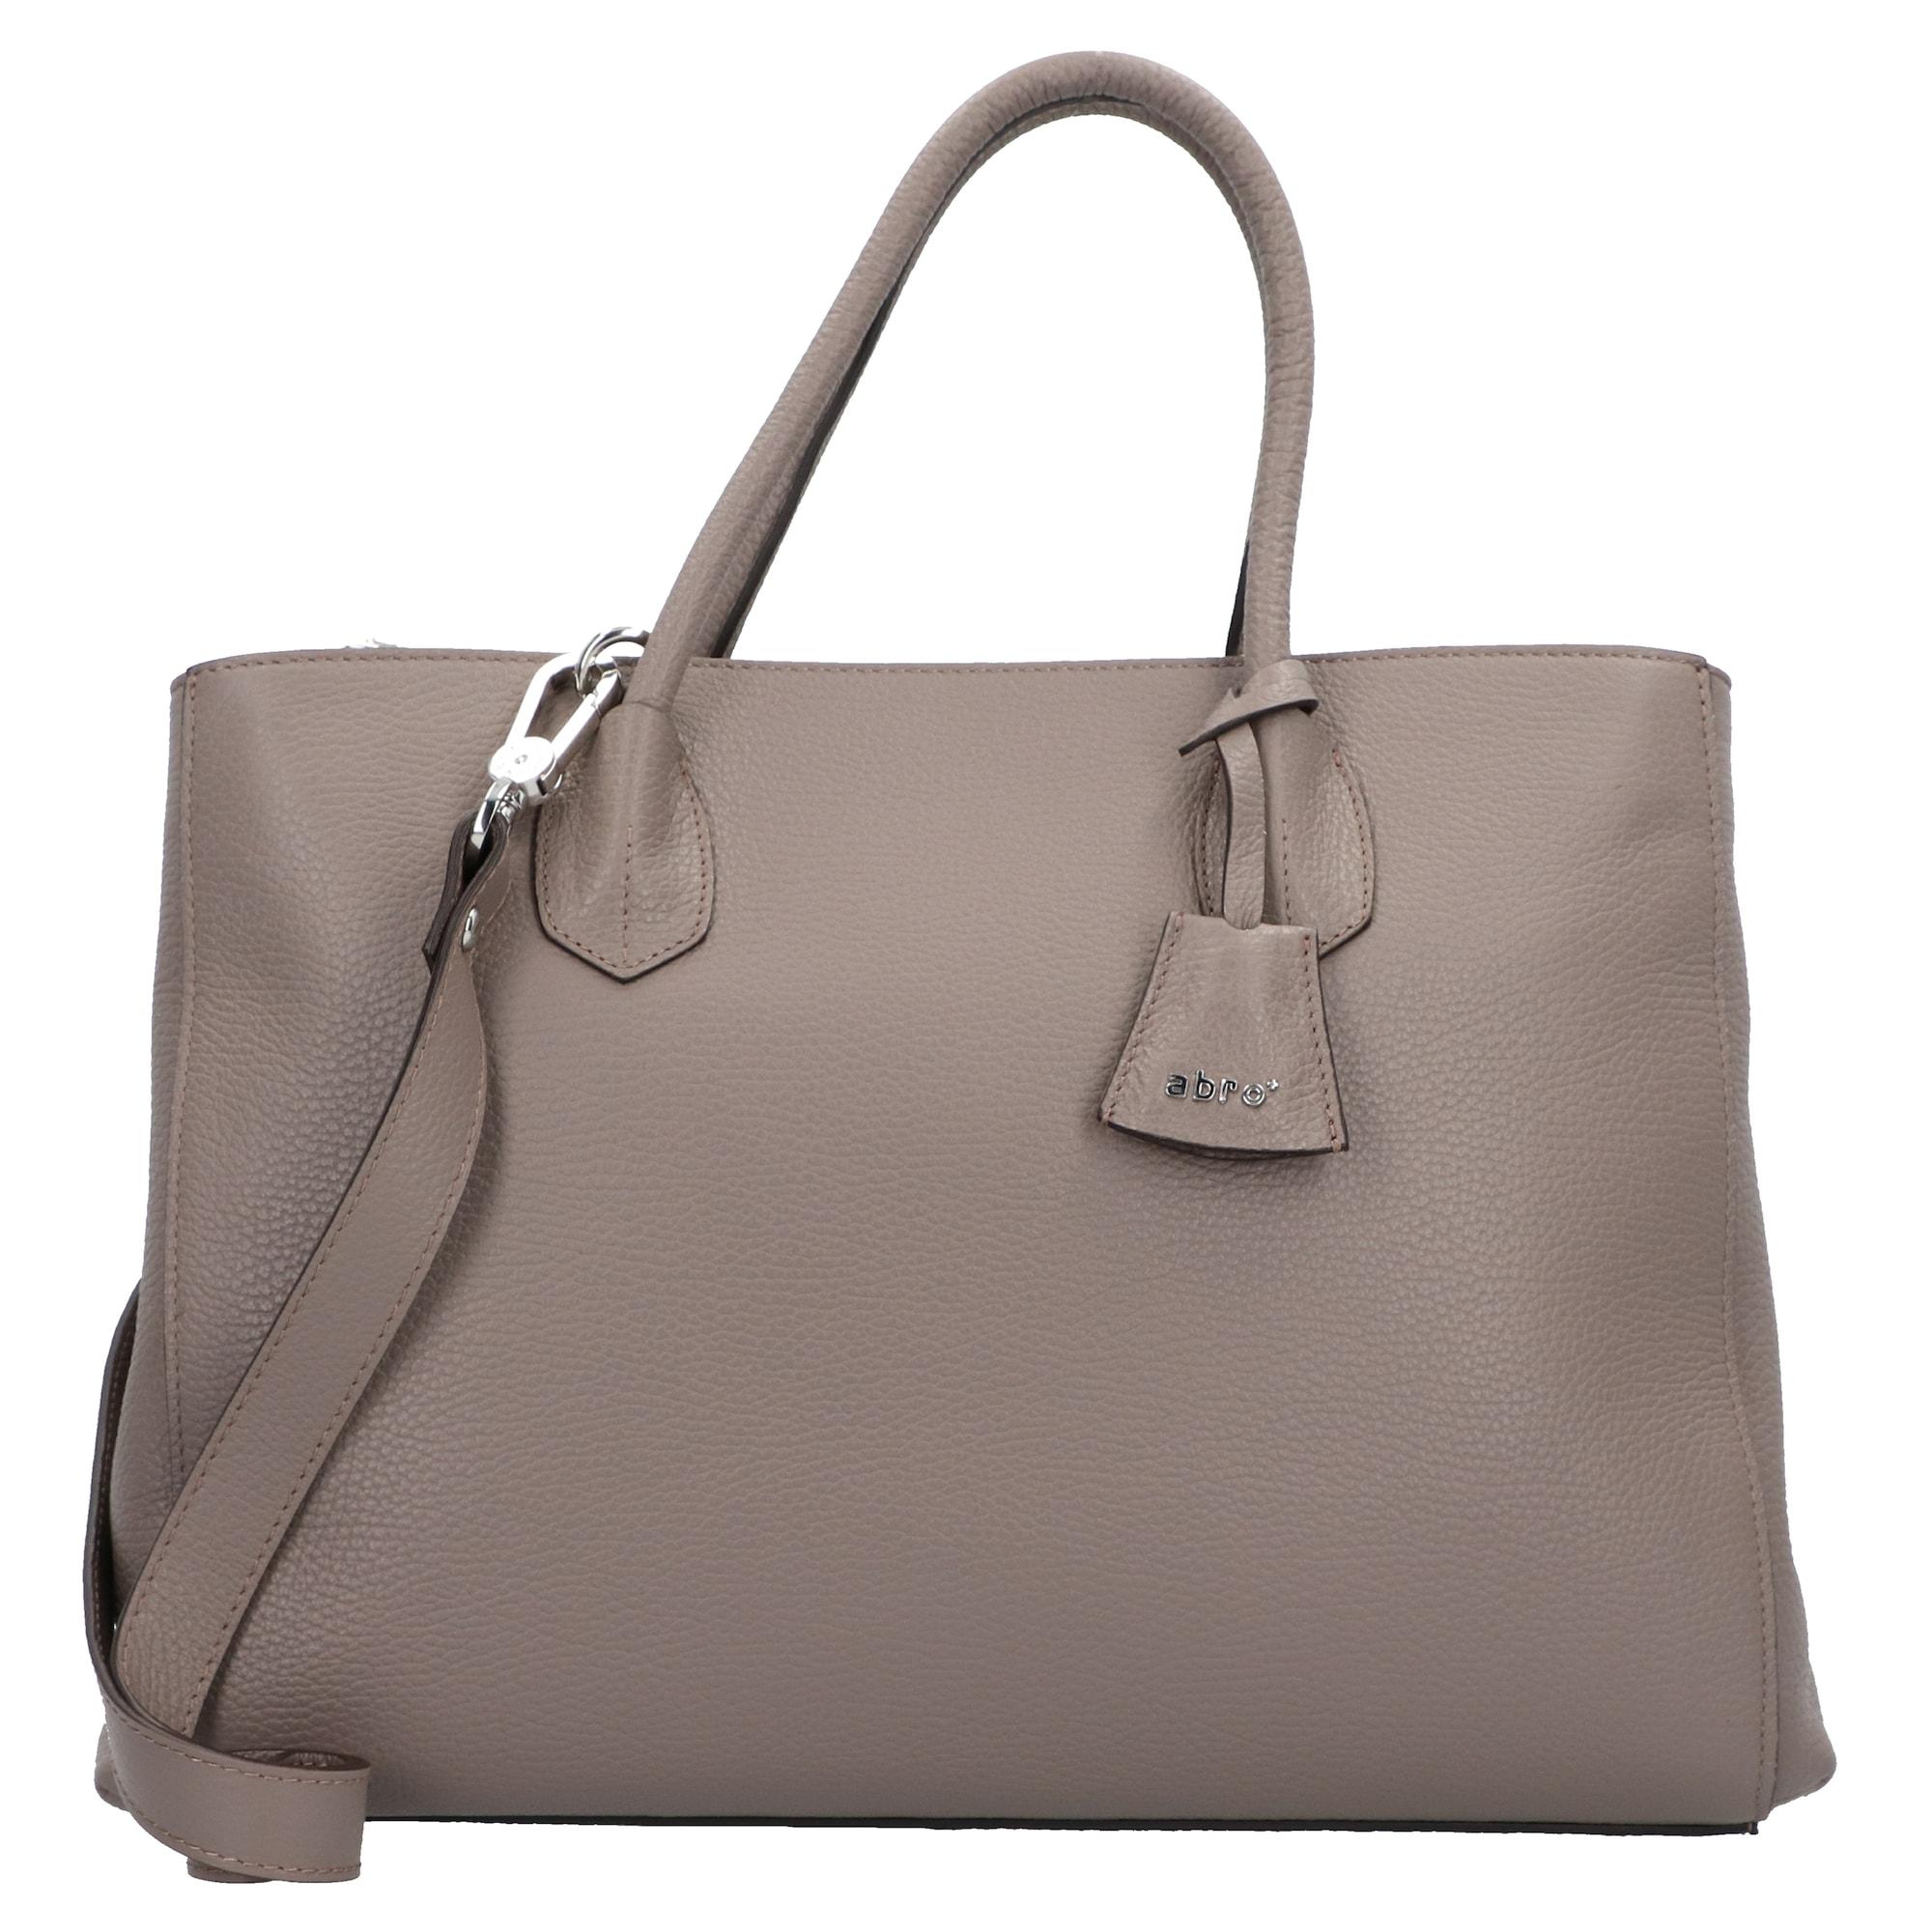 Tasche 'Adria' | Taschen > Handtaschen > Sonstige Handtaschen | abro